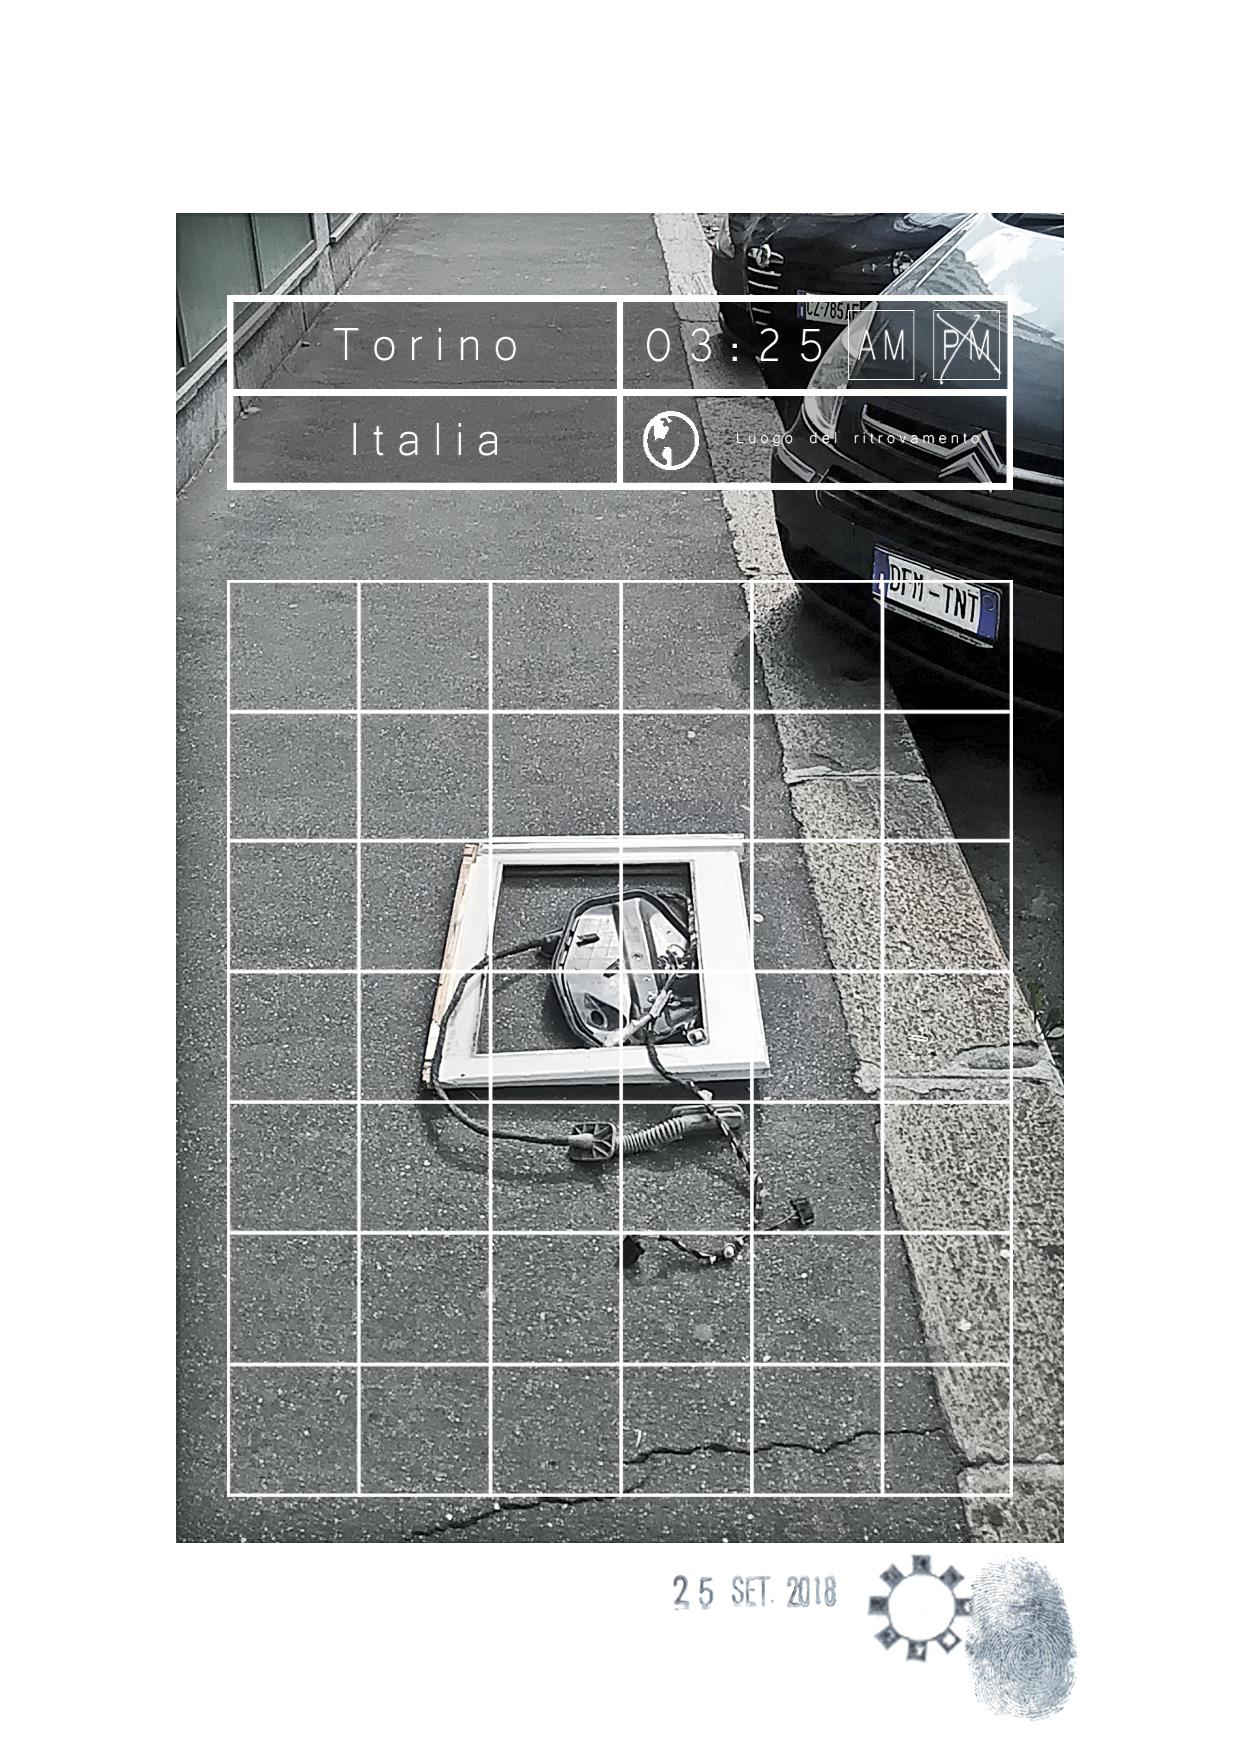 Opera dell'artista Maurizio Di Feo. Street art contemporanea, tra arte concettuale ed arte sociale per le strade di torino.